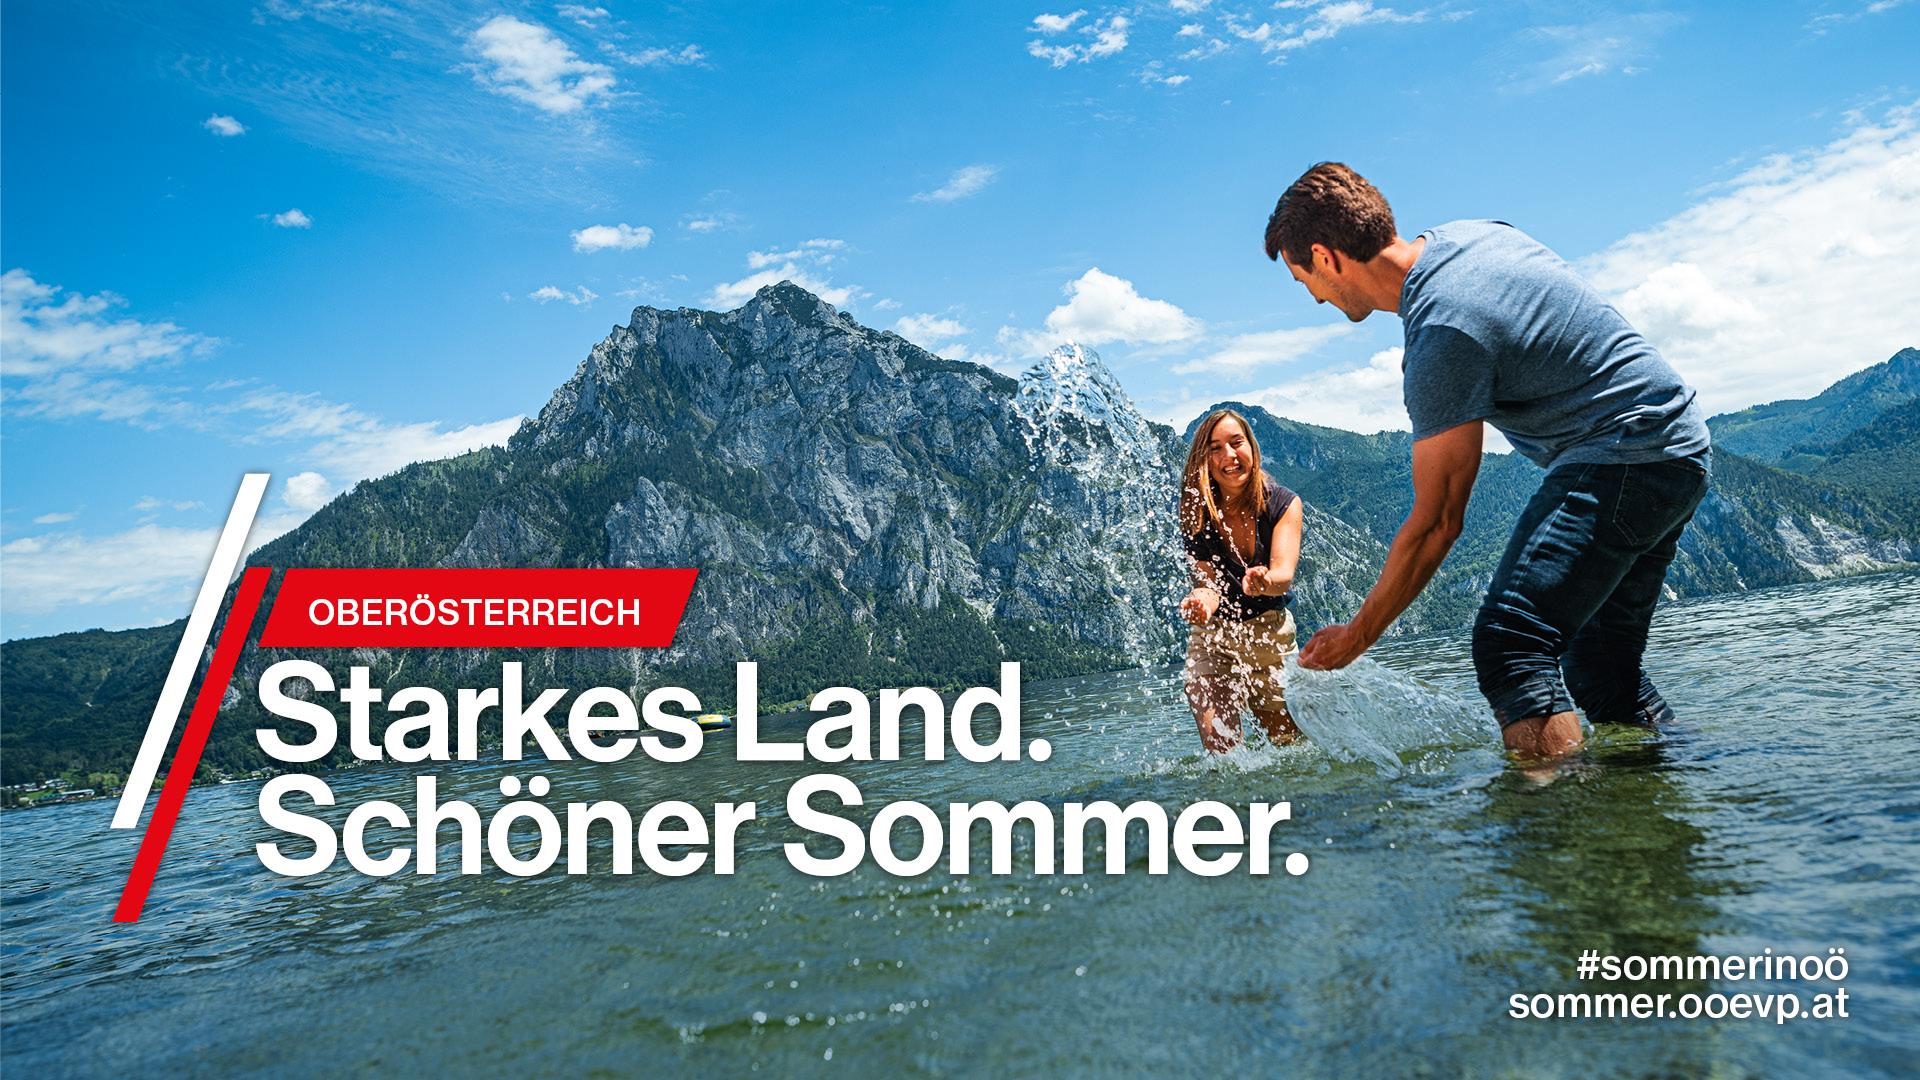 Griaß di Oberösterreich!